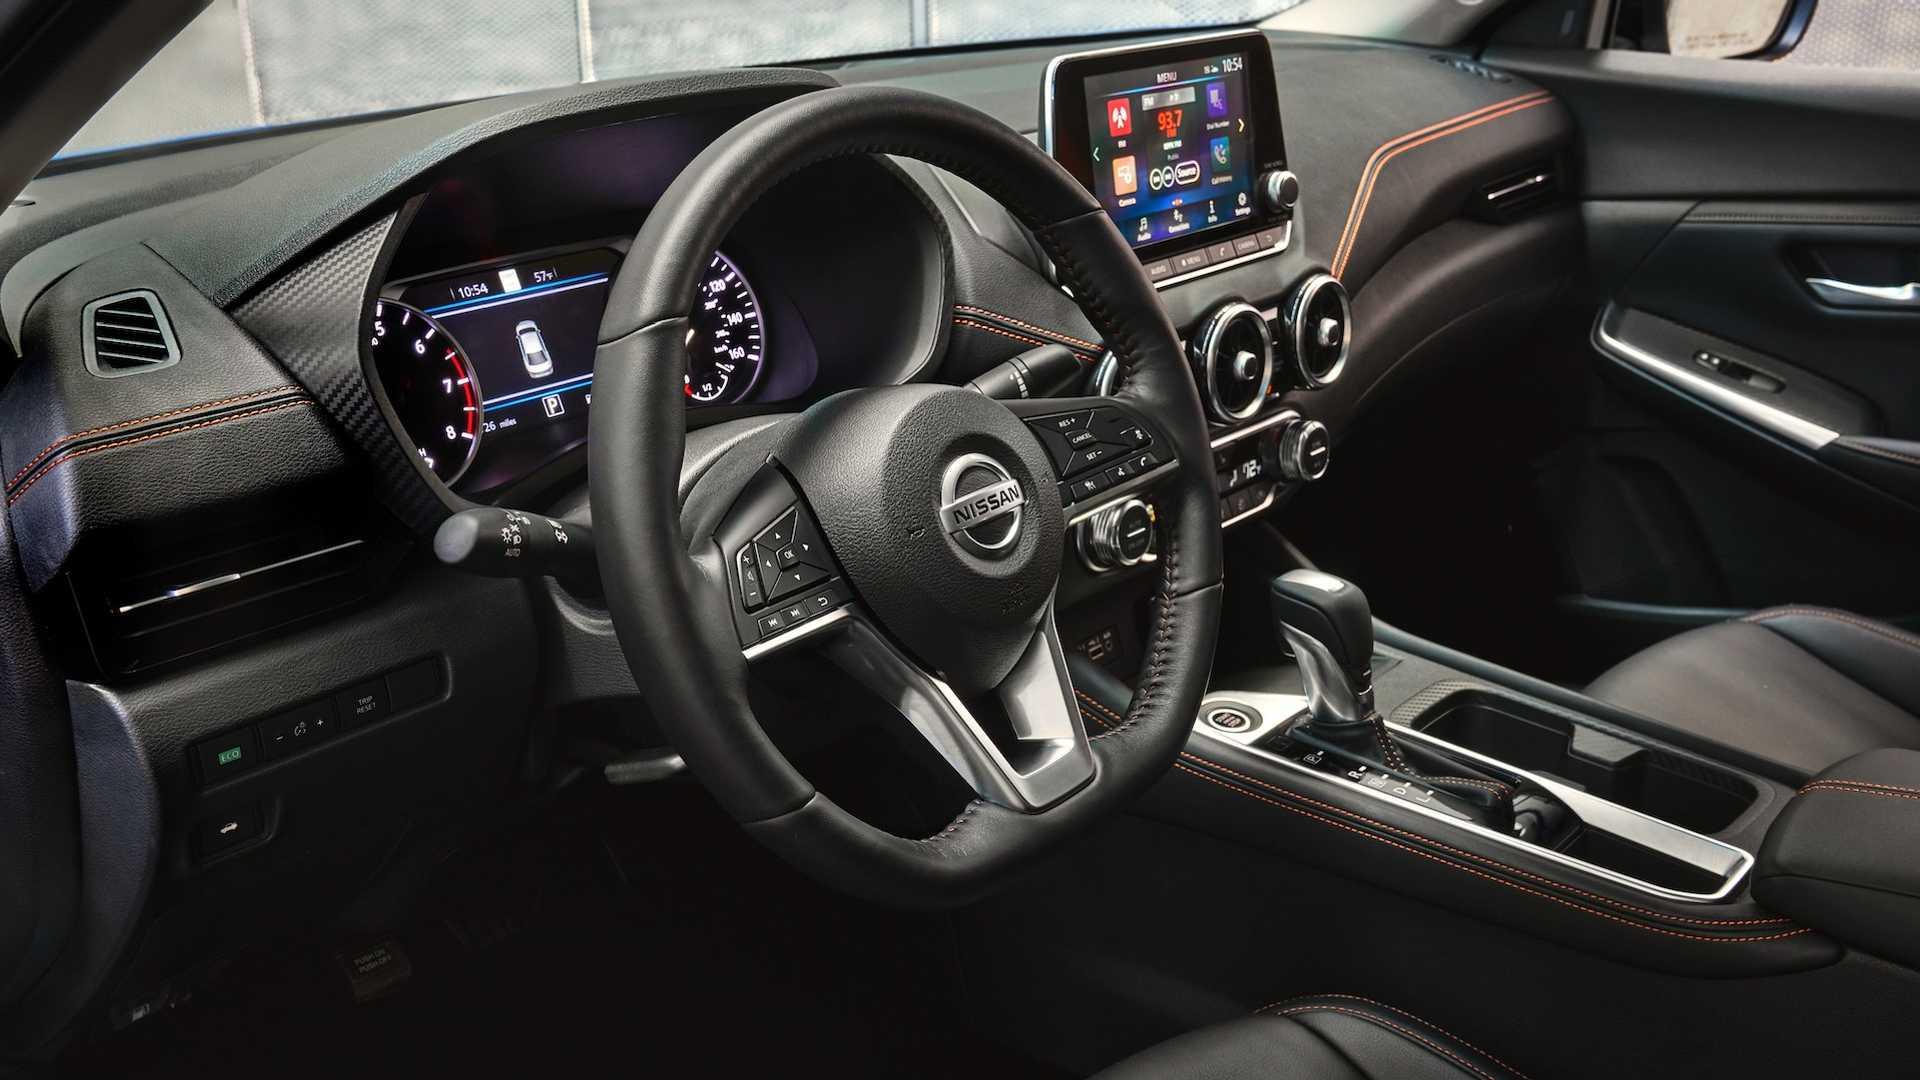 Nissan Sentra thế hệ mới đối đầu trực tiếp với Honda Civic hay Mazda3 - 21